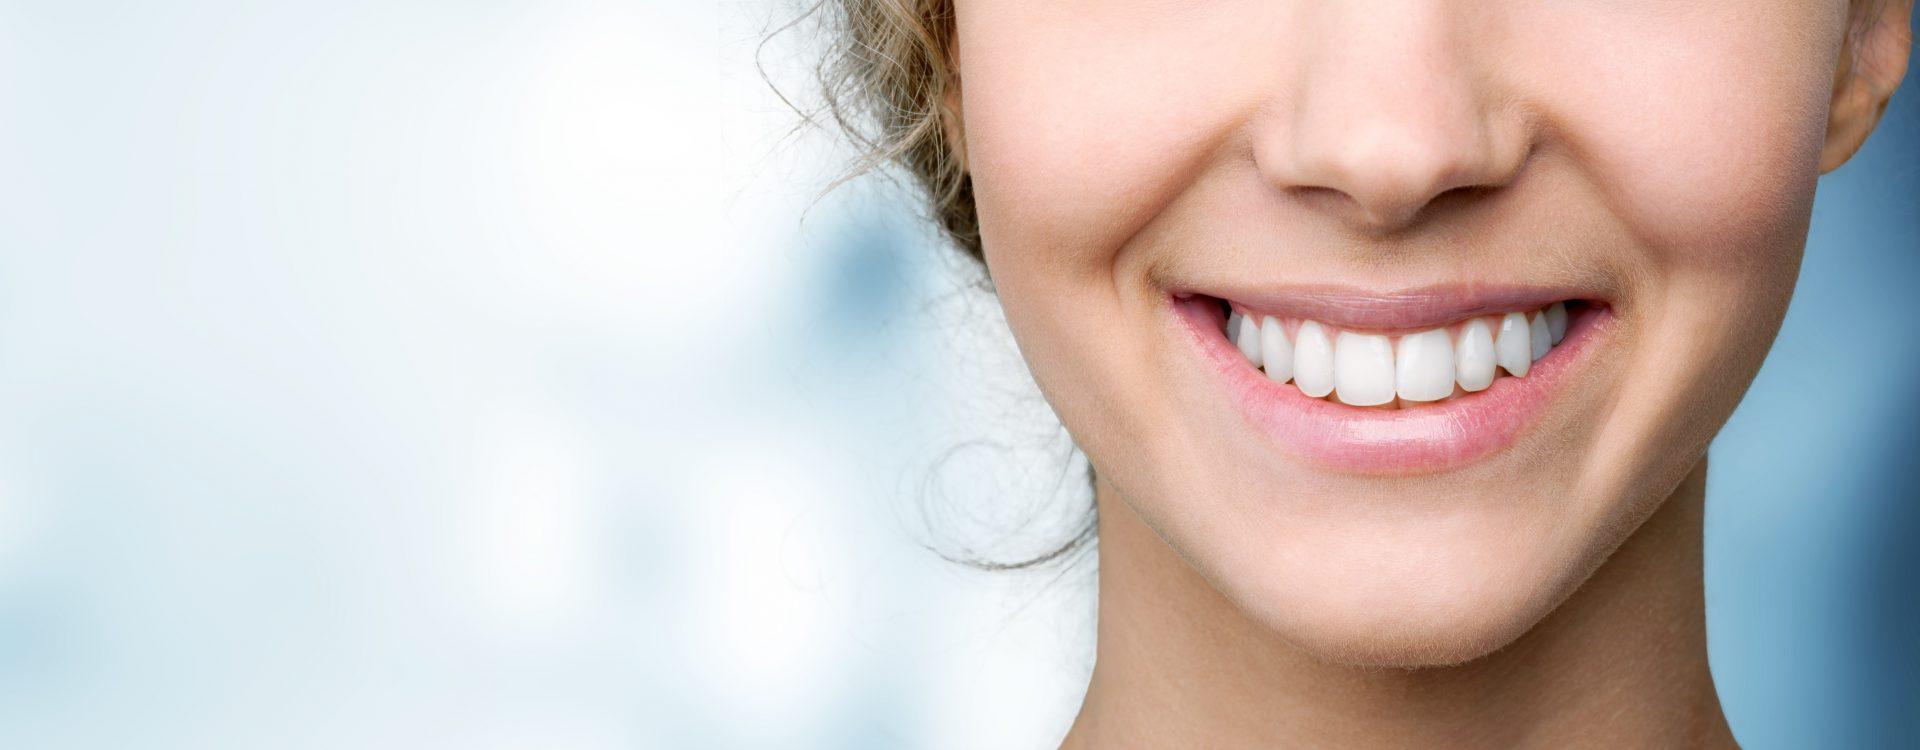 beneficios-limpieza-dental